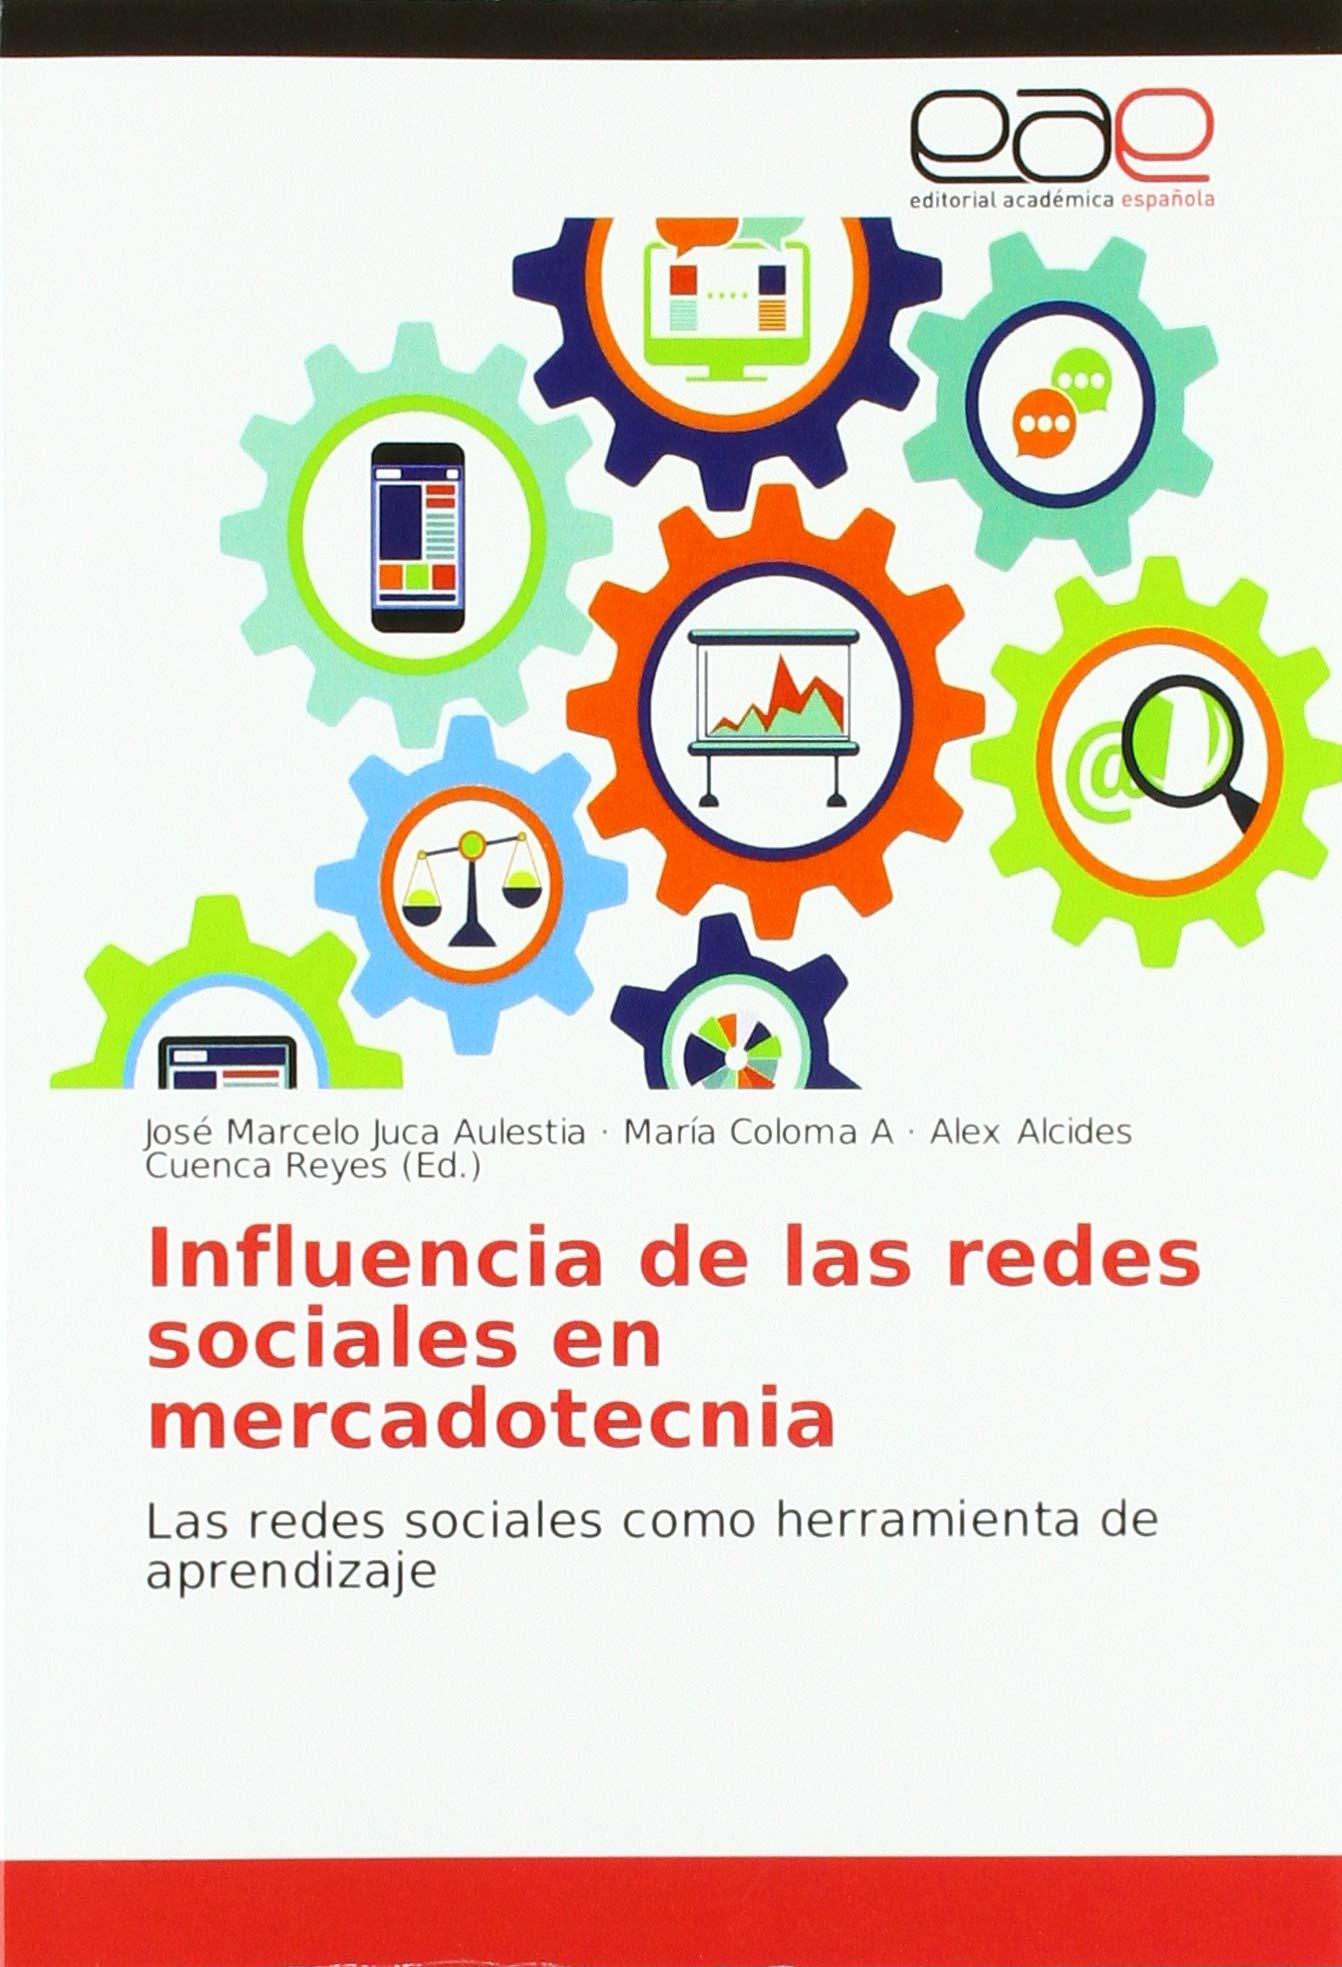 Influencia de las redes sociales en mercadotecnia de José Marcelo Juca Aulestia y María Coloma A.